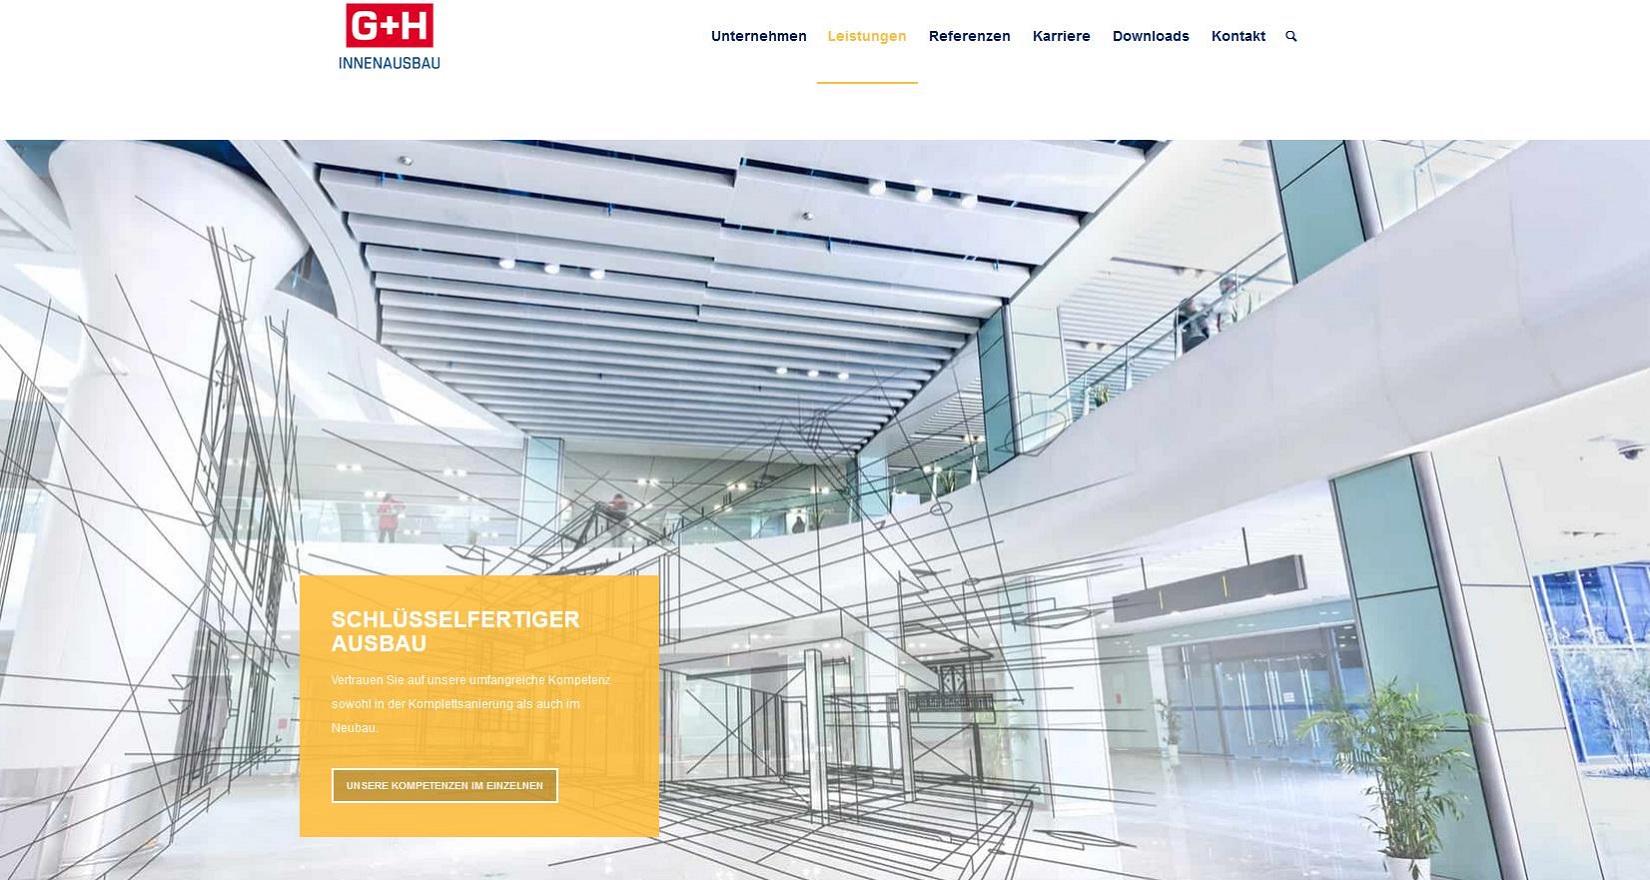 G + H Innenausbau Webseite